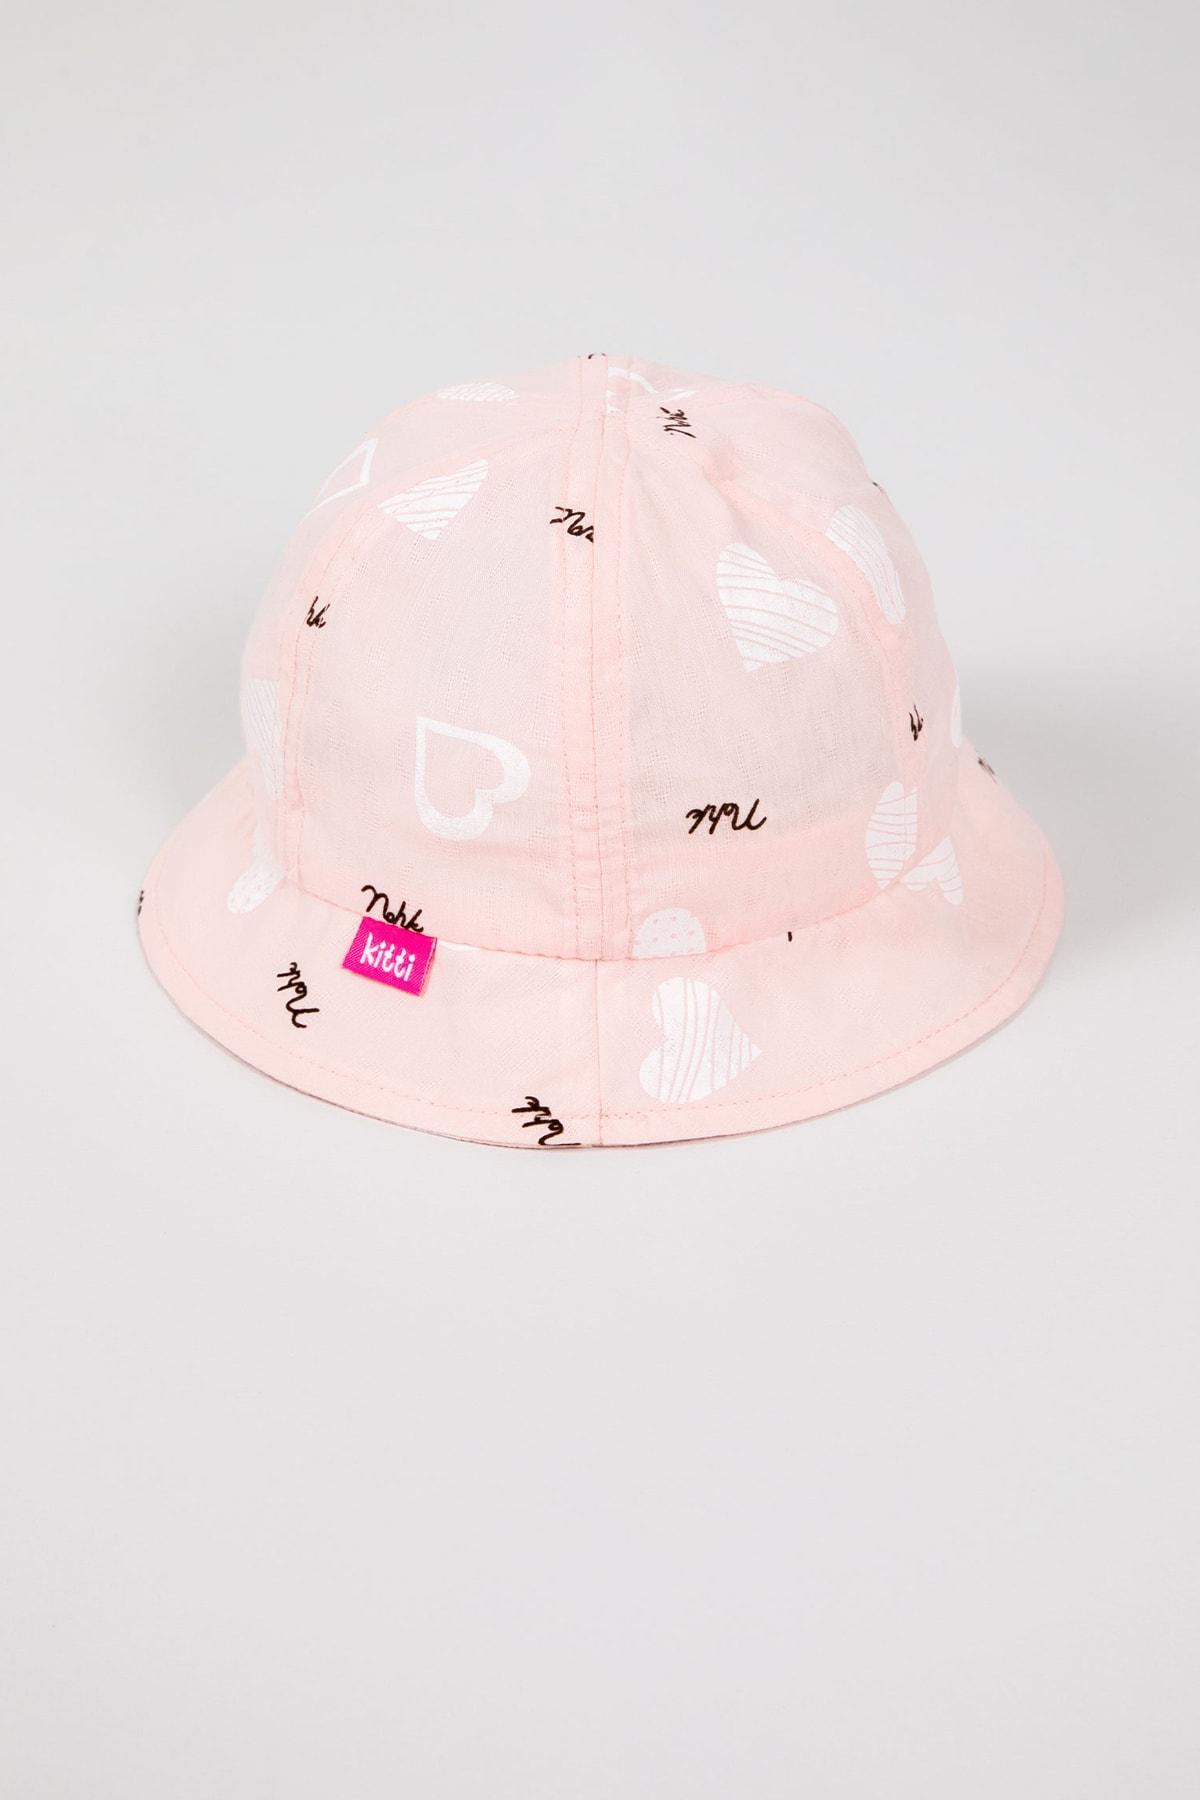 ژورنال کلاه نوزاد دختر برند Krazber رنگ صورتی ty104278218